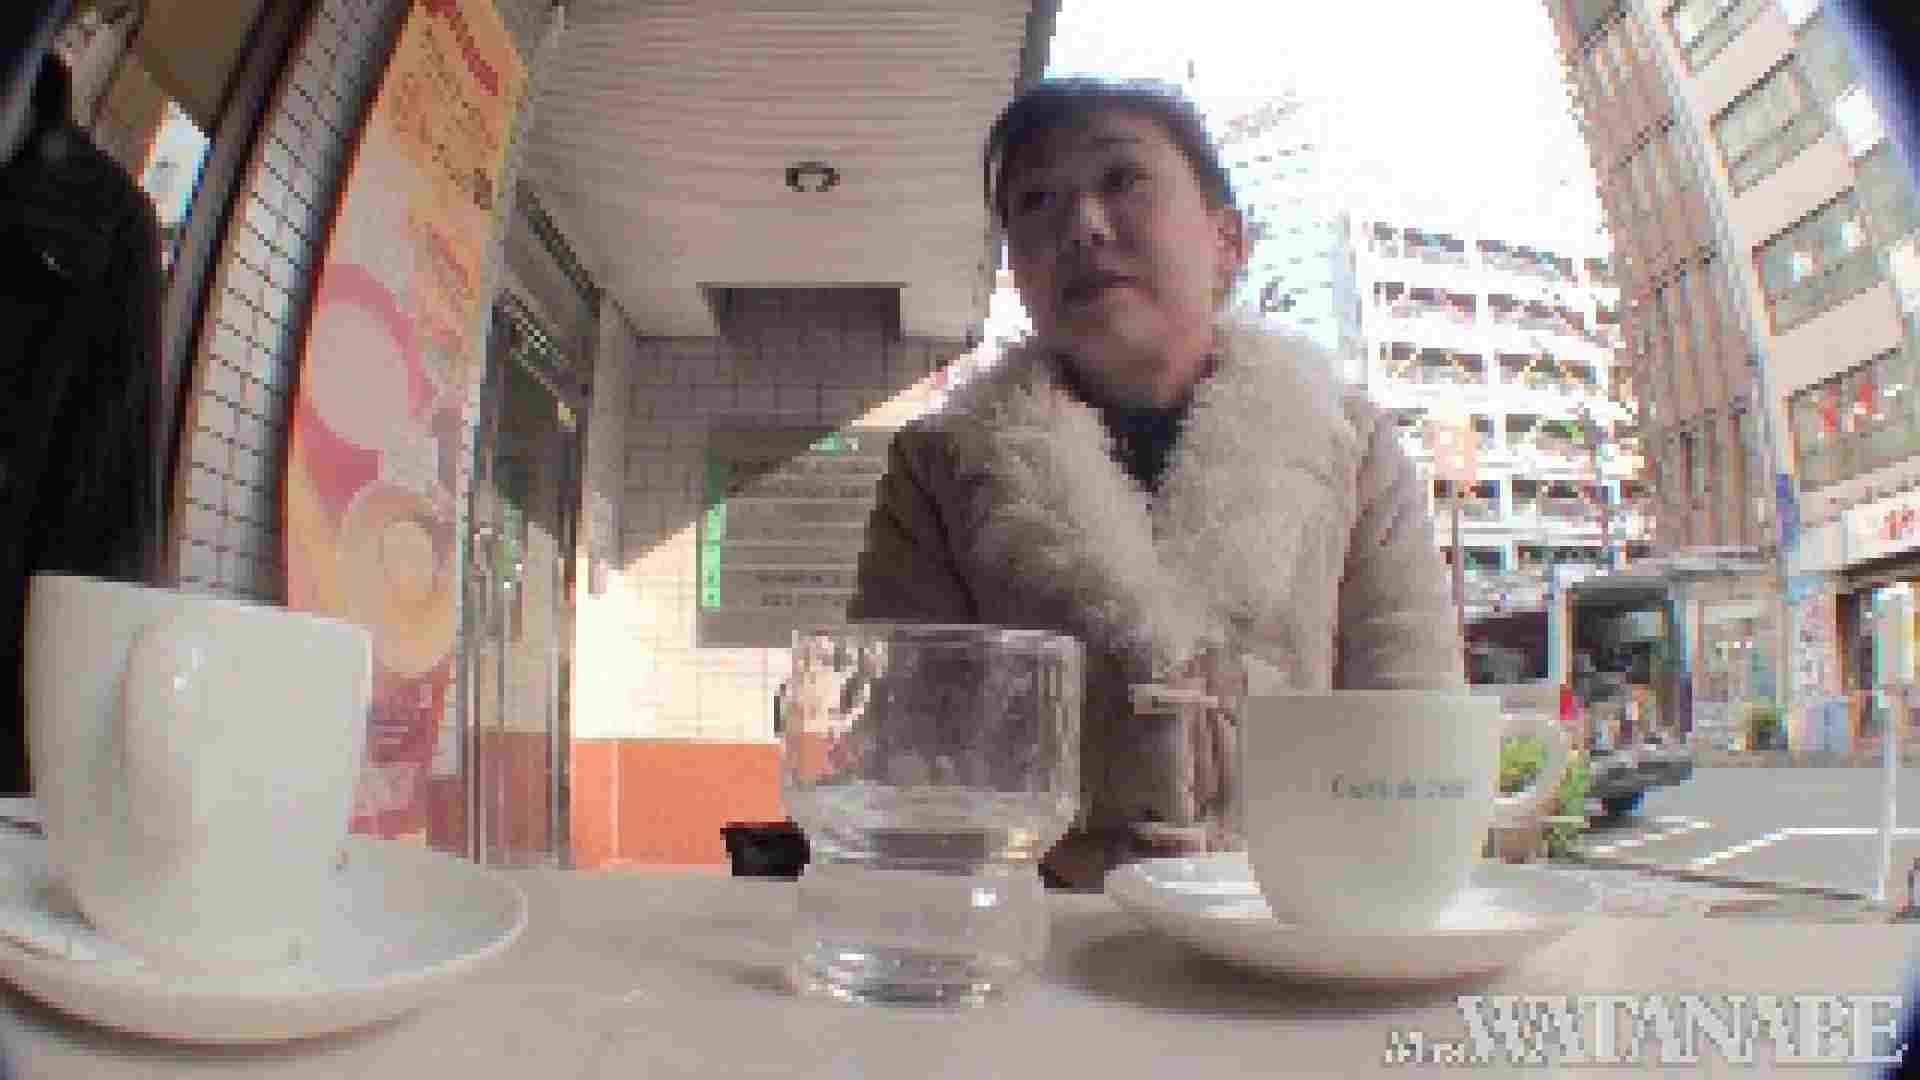 撮影スタッフを誘惑する痴熟女 かおり40歳 Vol.01 素人 | HなOL  67pic 4